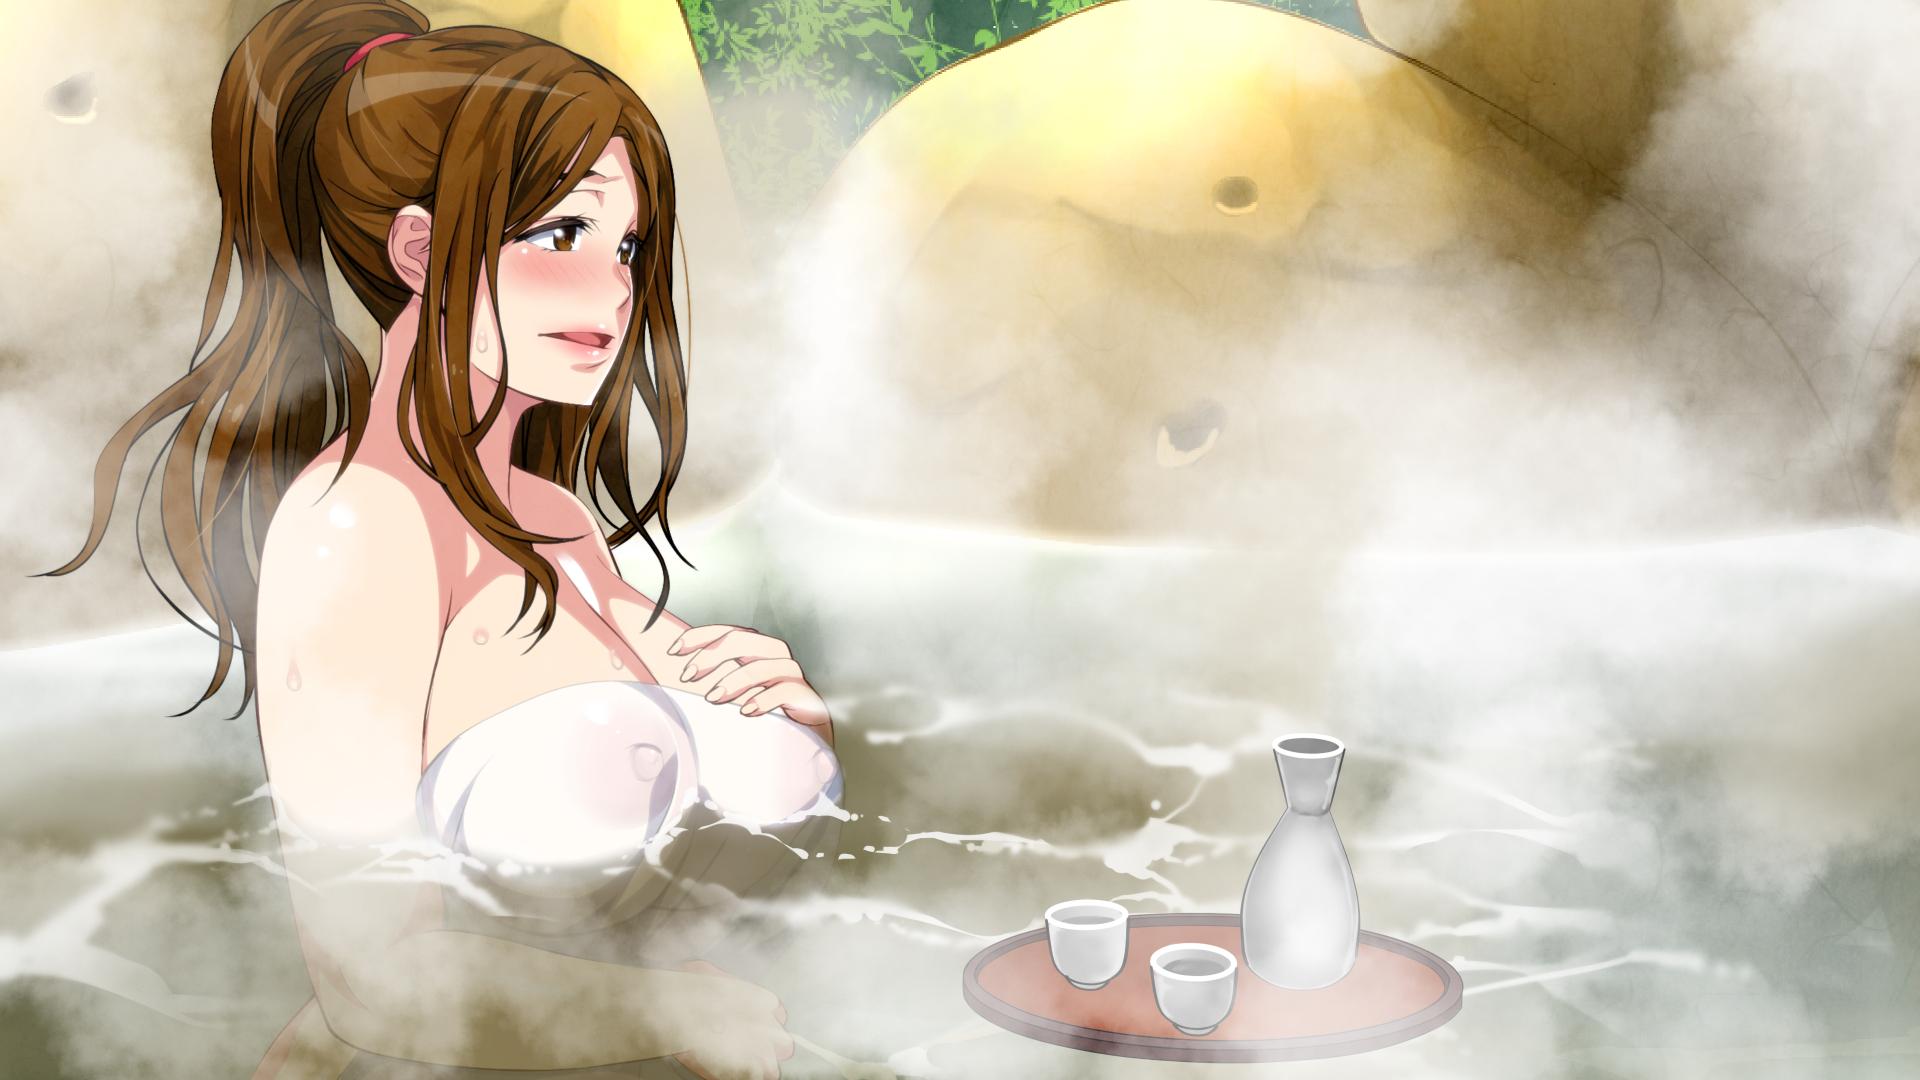 【二次エロ画像】一緒に入るなら後ろから抱き着きを希望w湯船に浸かる全裸美少女www 14